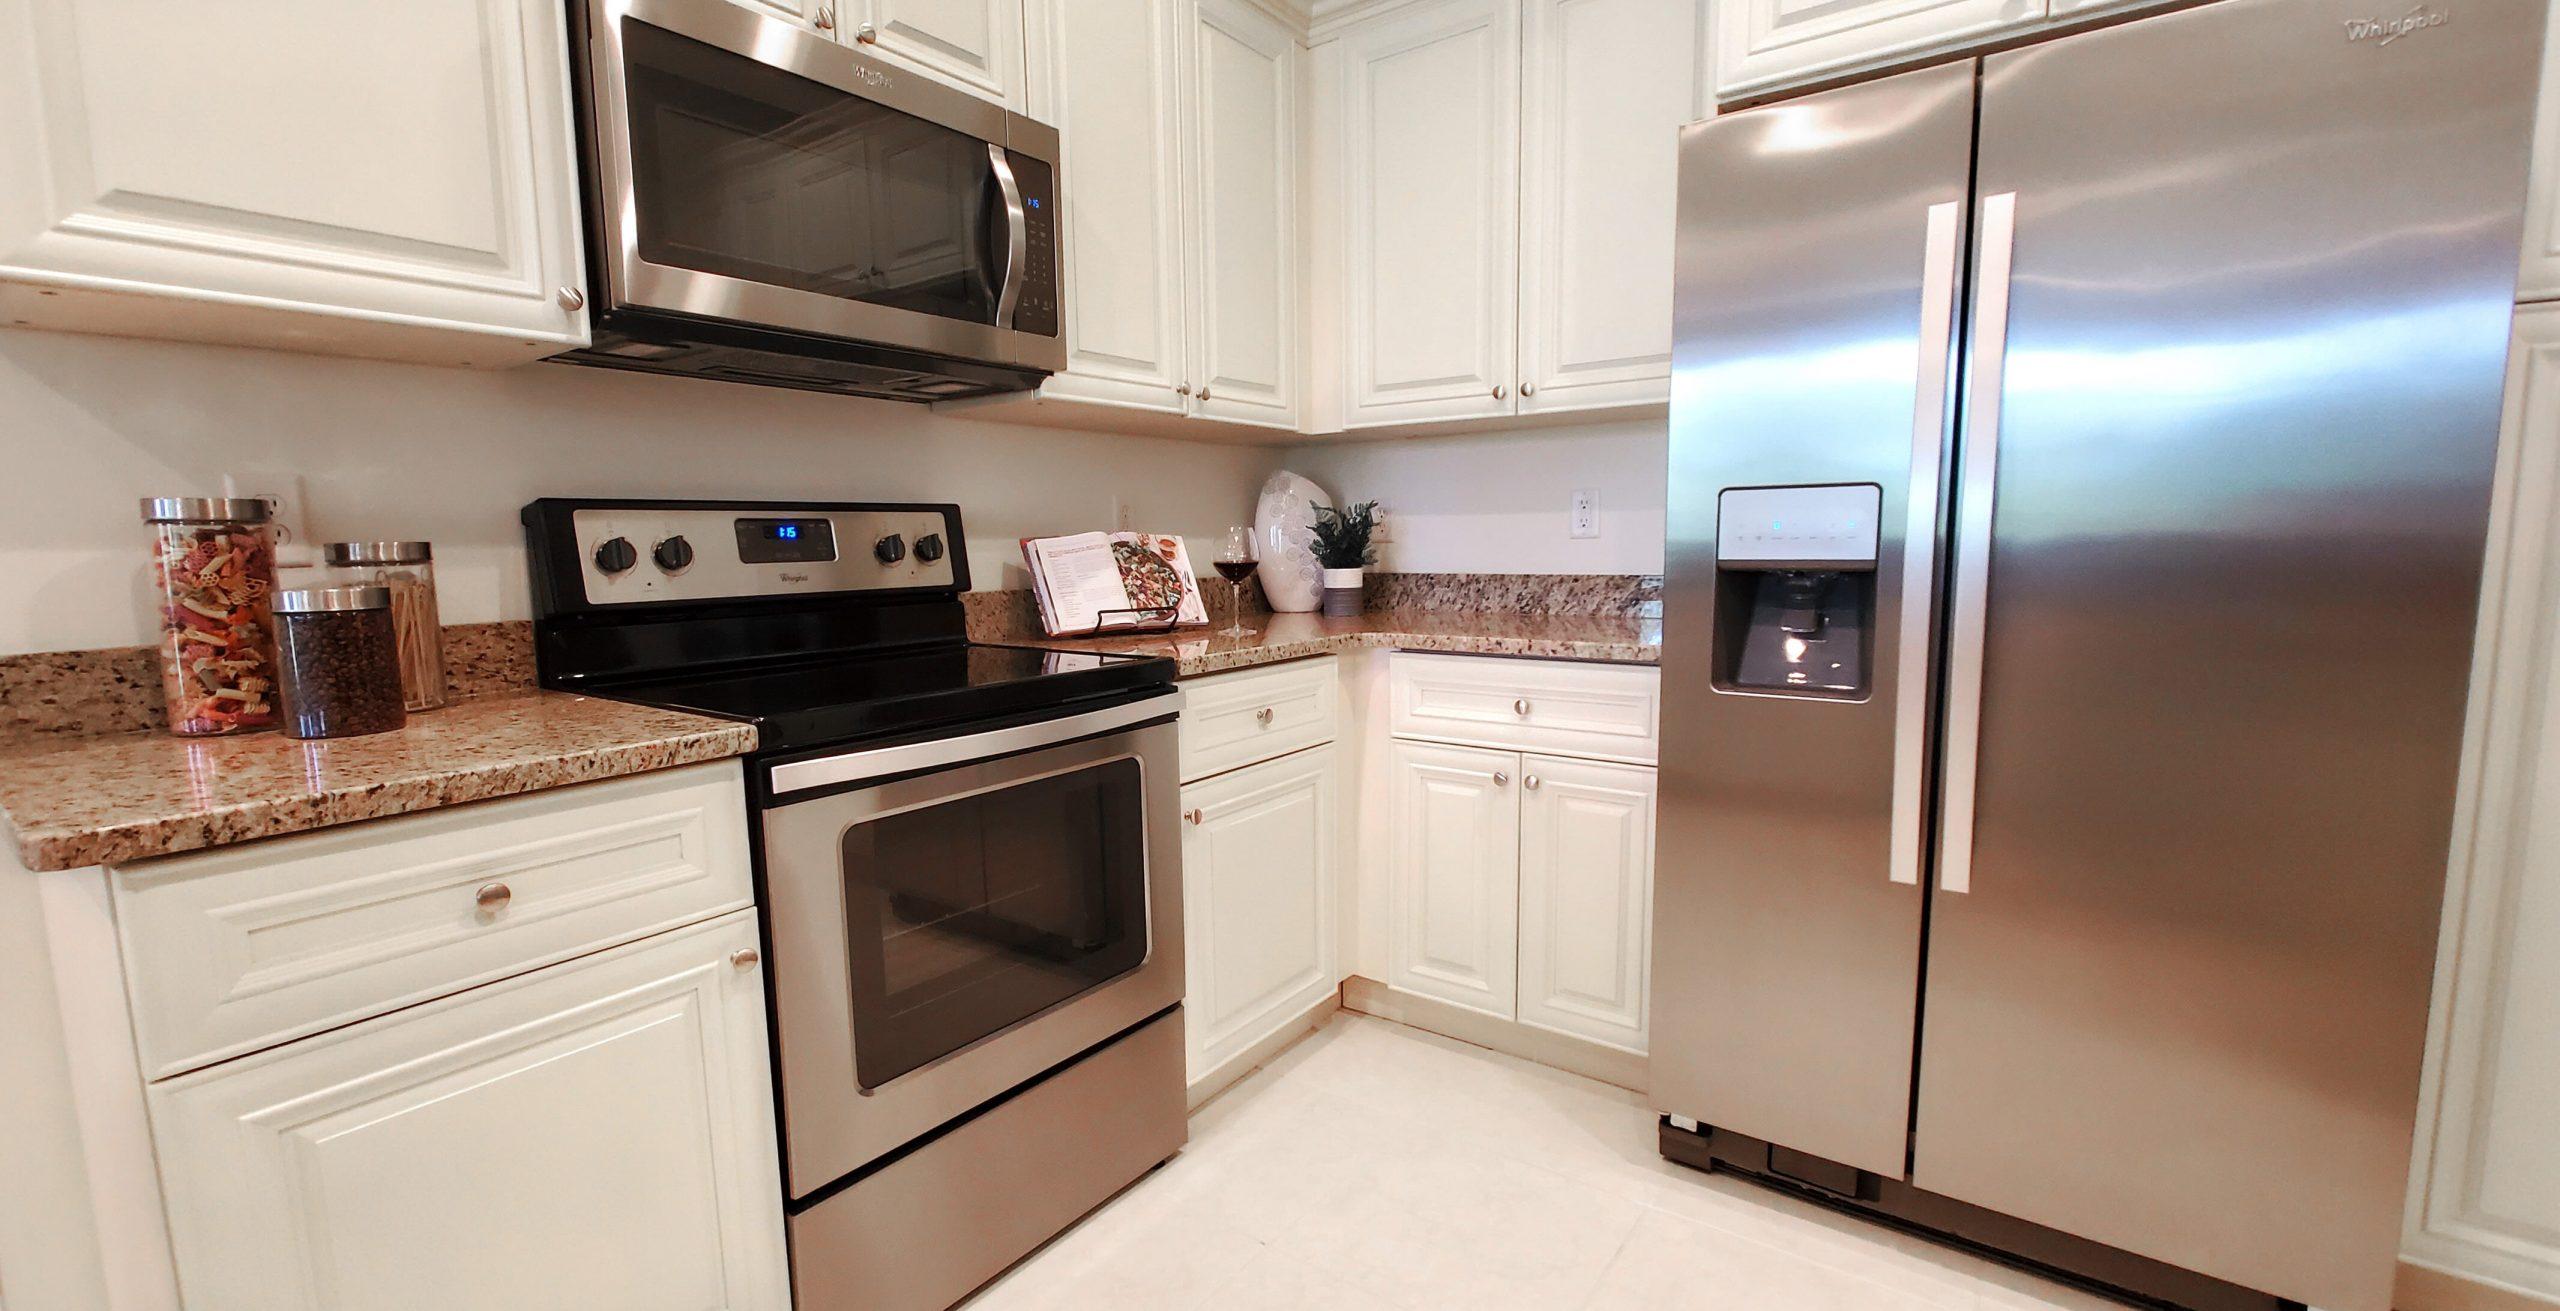 Broadmoor Kitchen - corner dishwasher